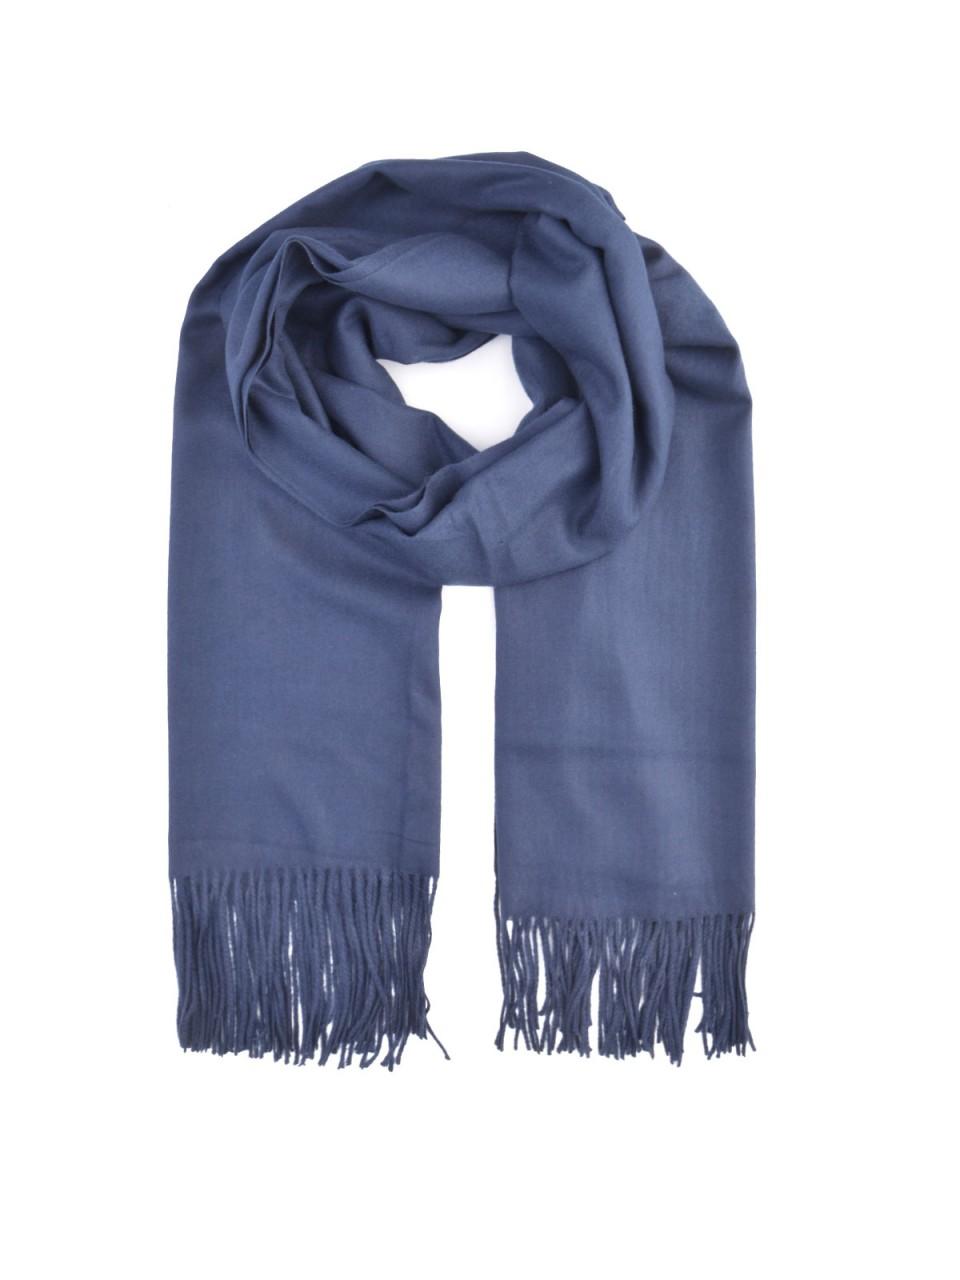 Schals - MILANO ITALY Damen Schal, dunkelblau  - Onlineshop Designermode.com